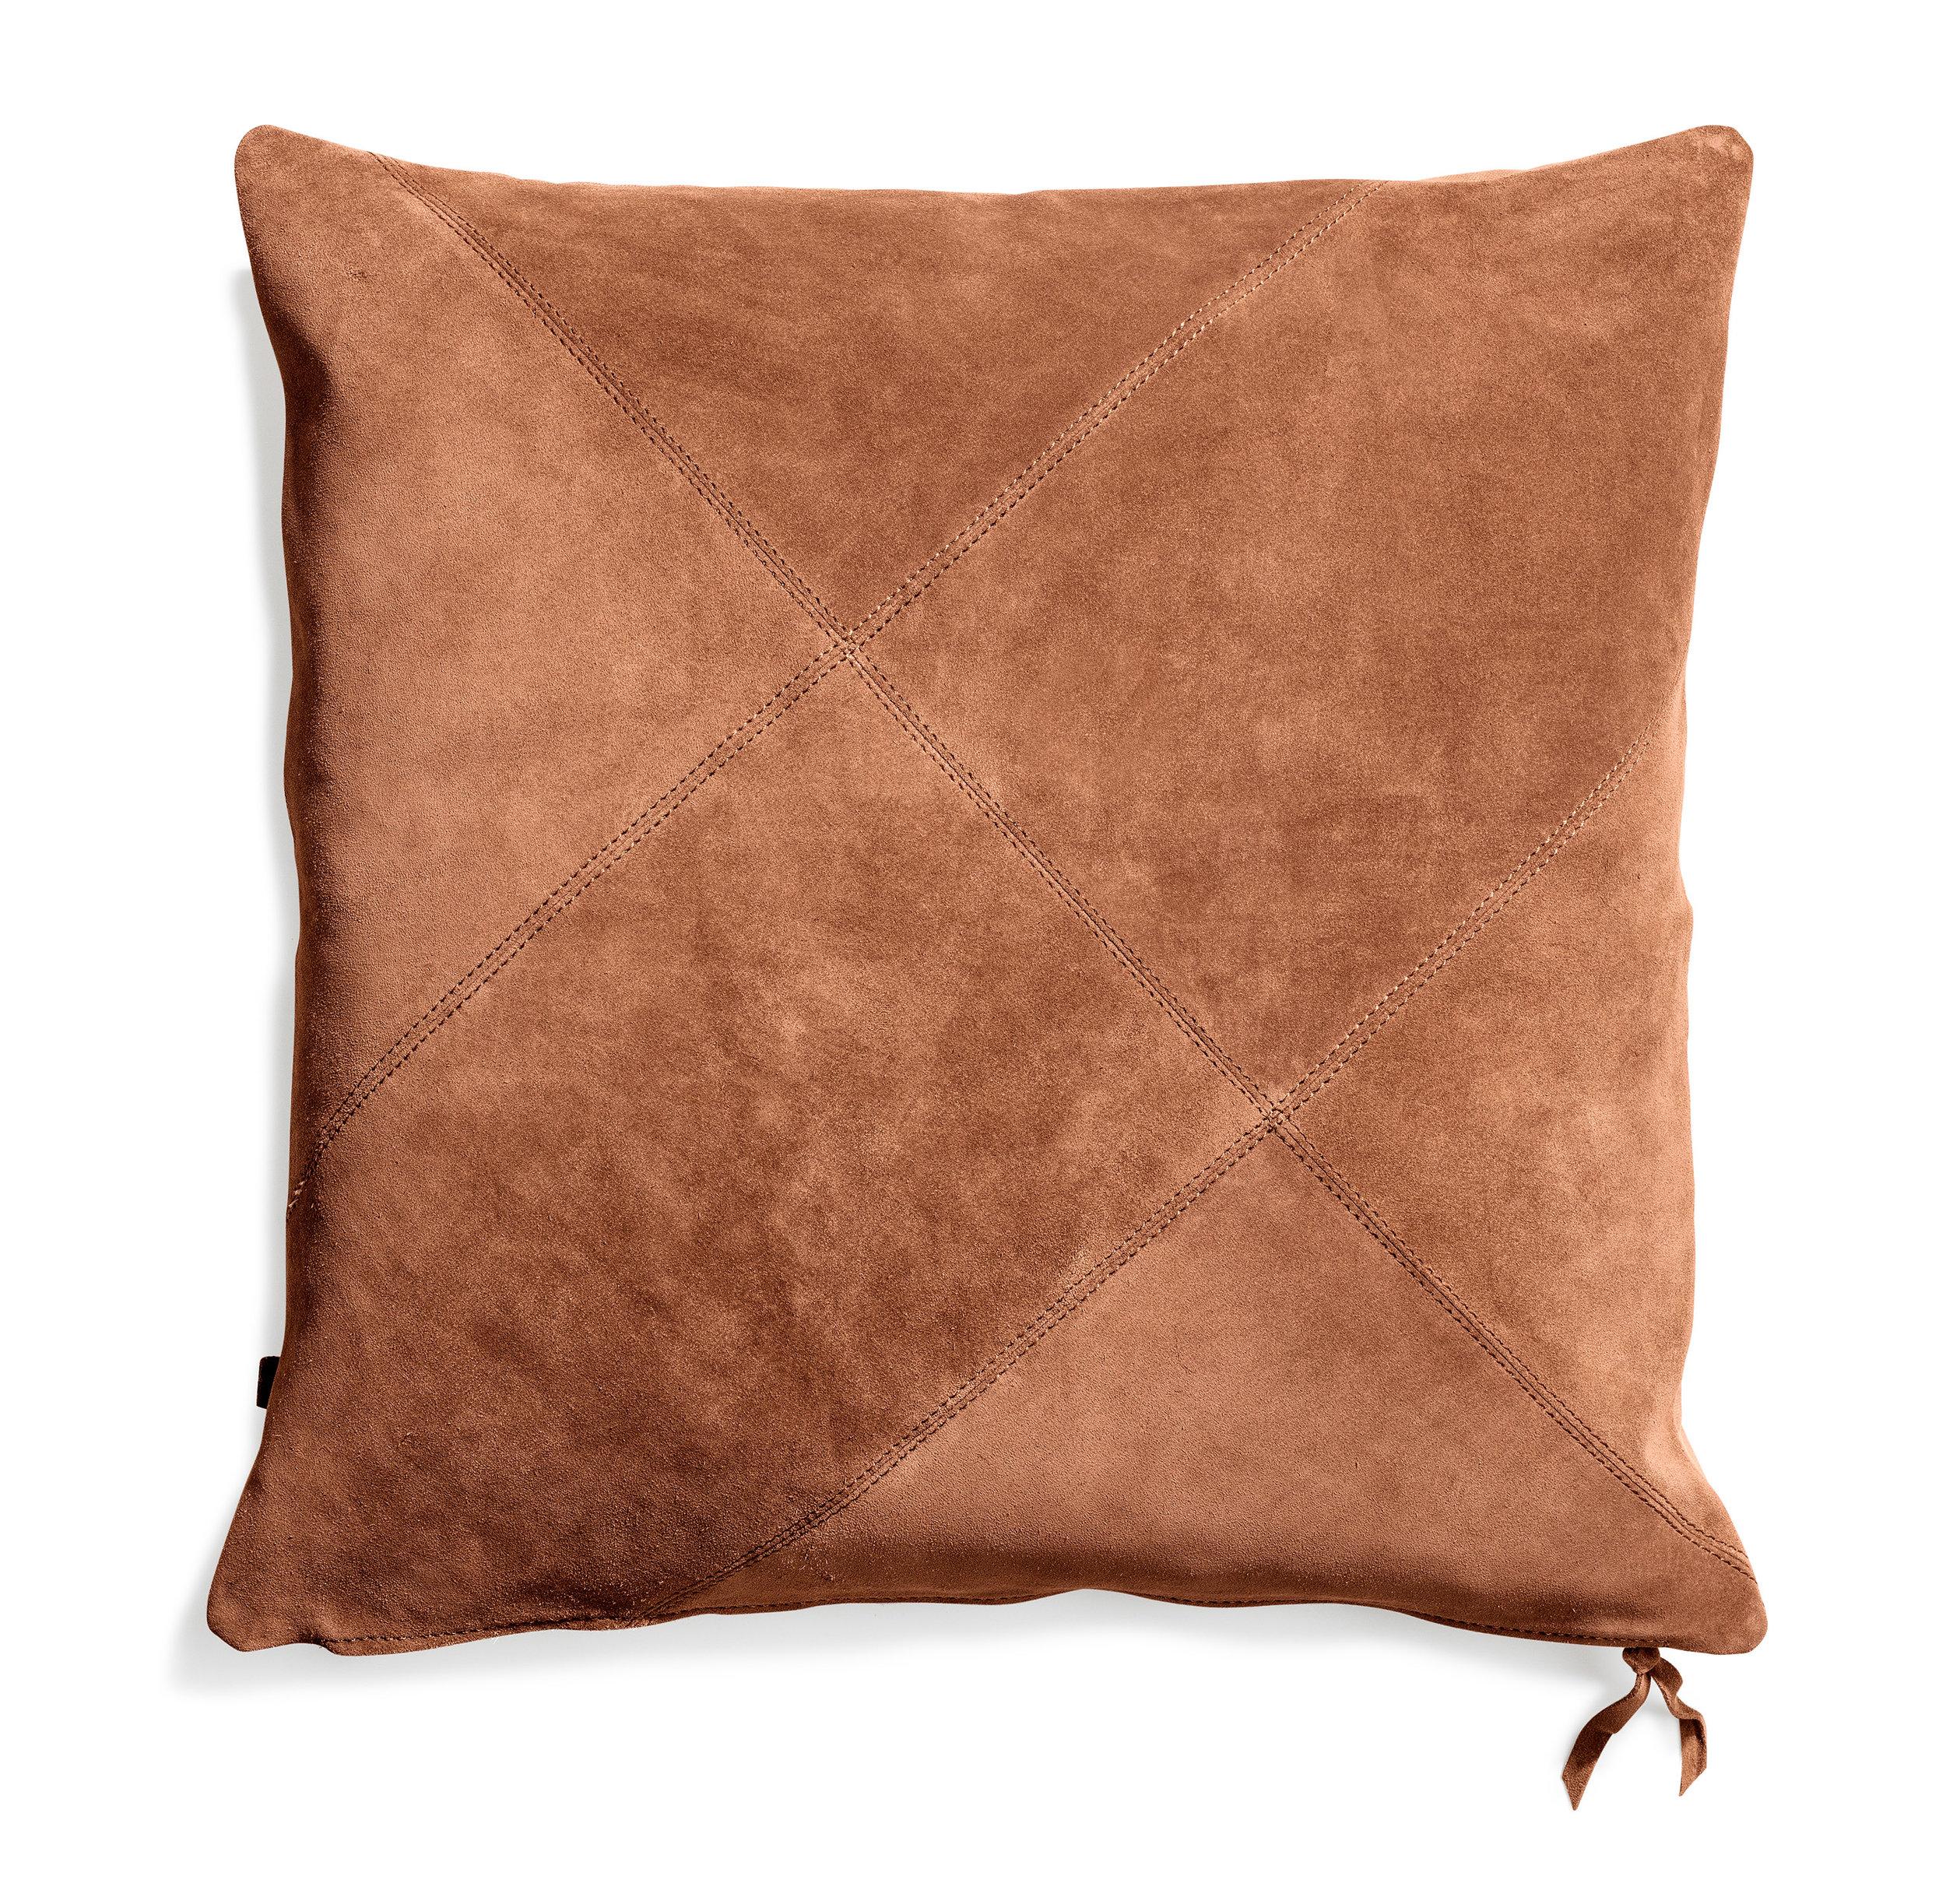 Rafety cushion Terracotta suede 50x50  Wrigley cushion Terracotta suede 60x60